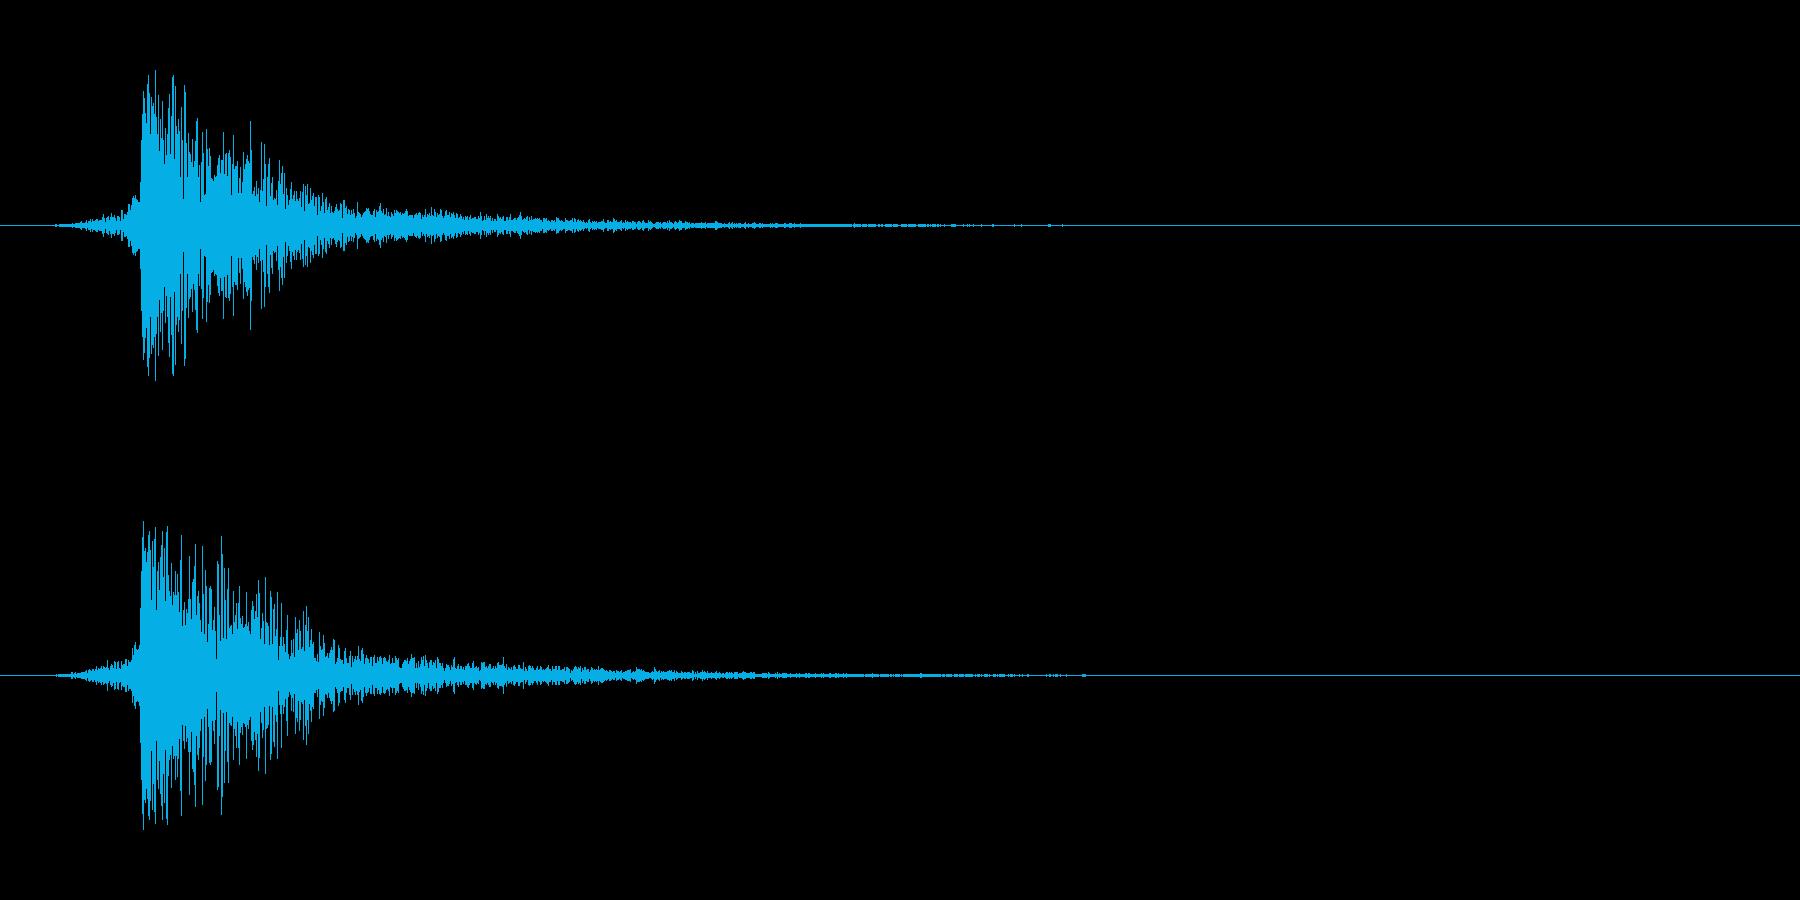 シュードーン-5(インパクト音)の再生済みの波形